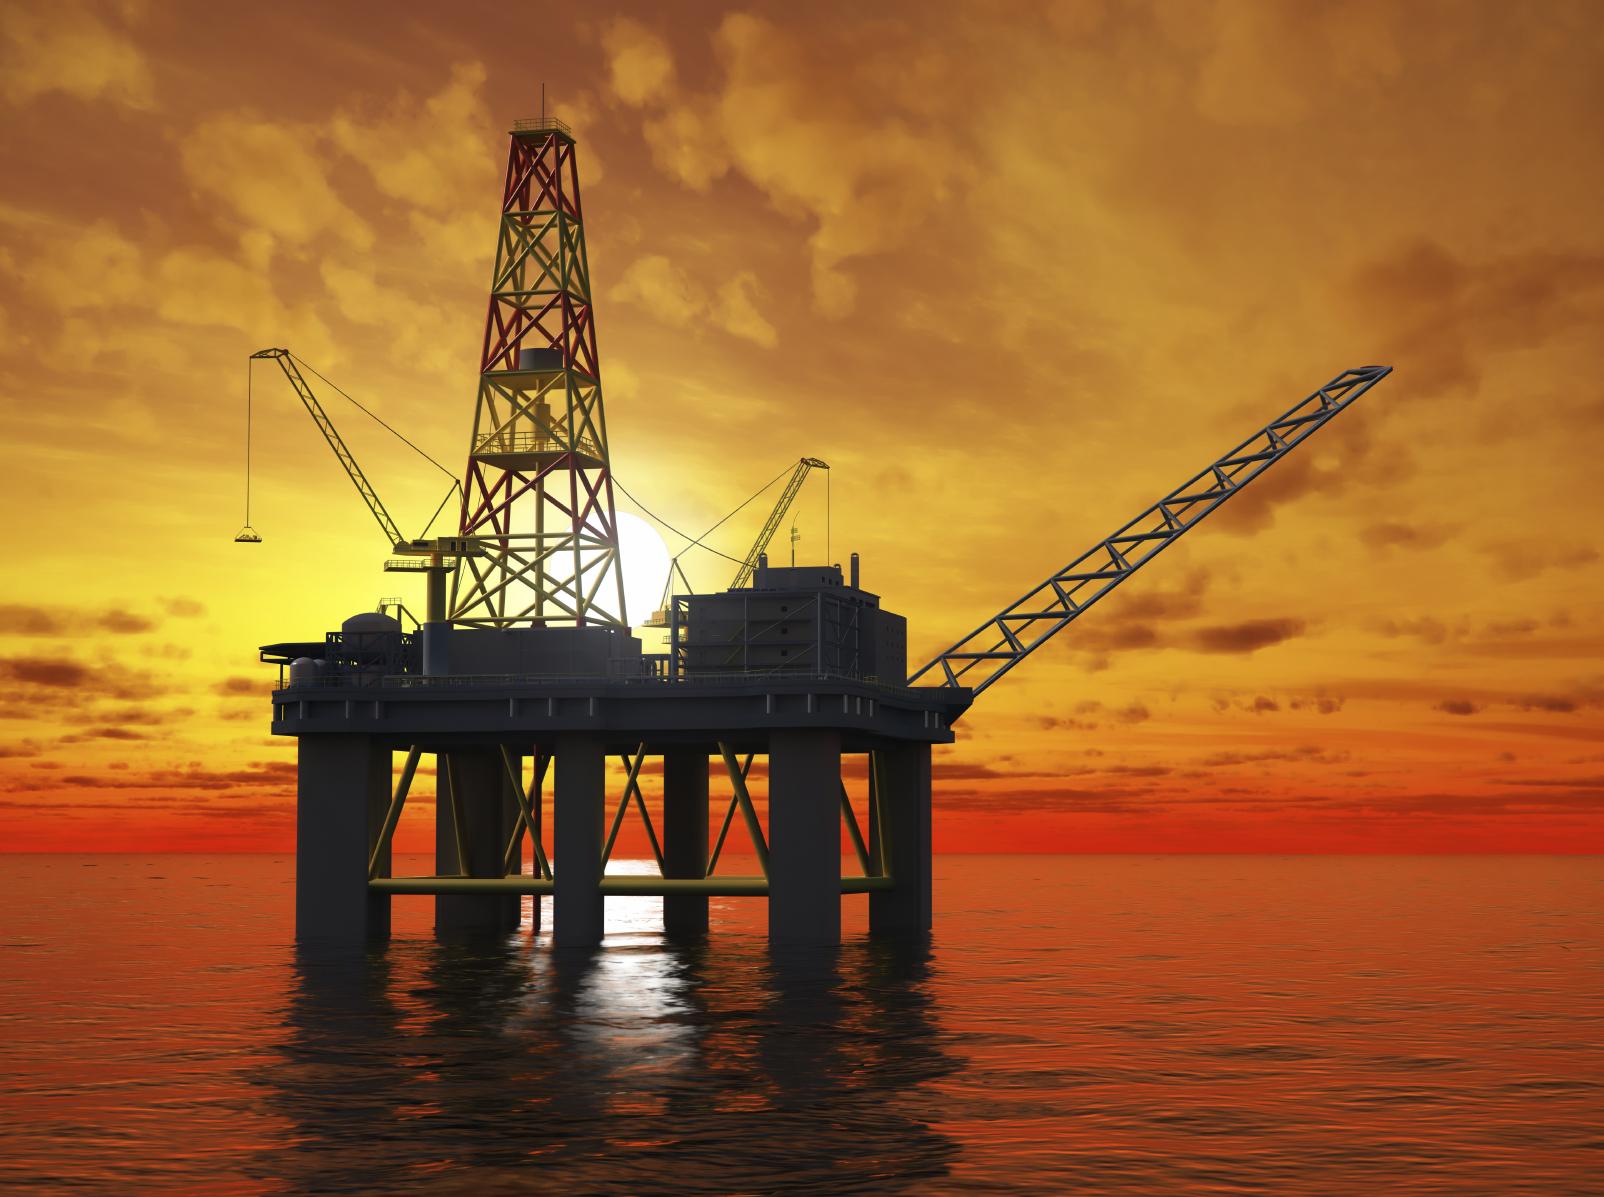 Oil Industry Plataform